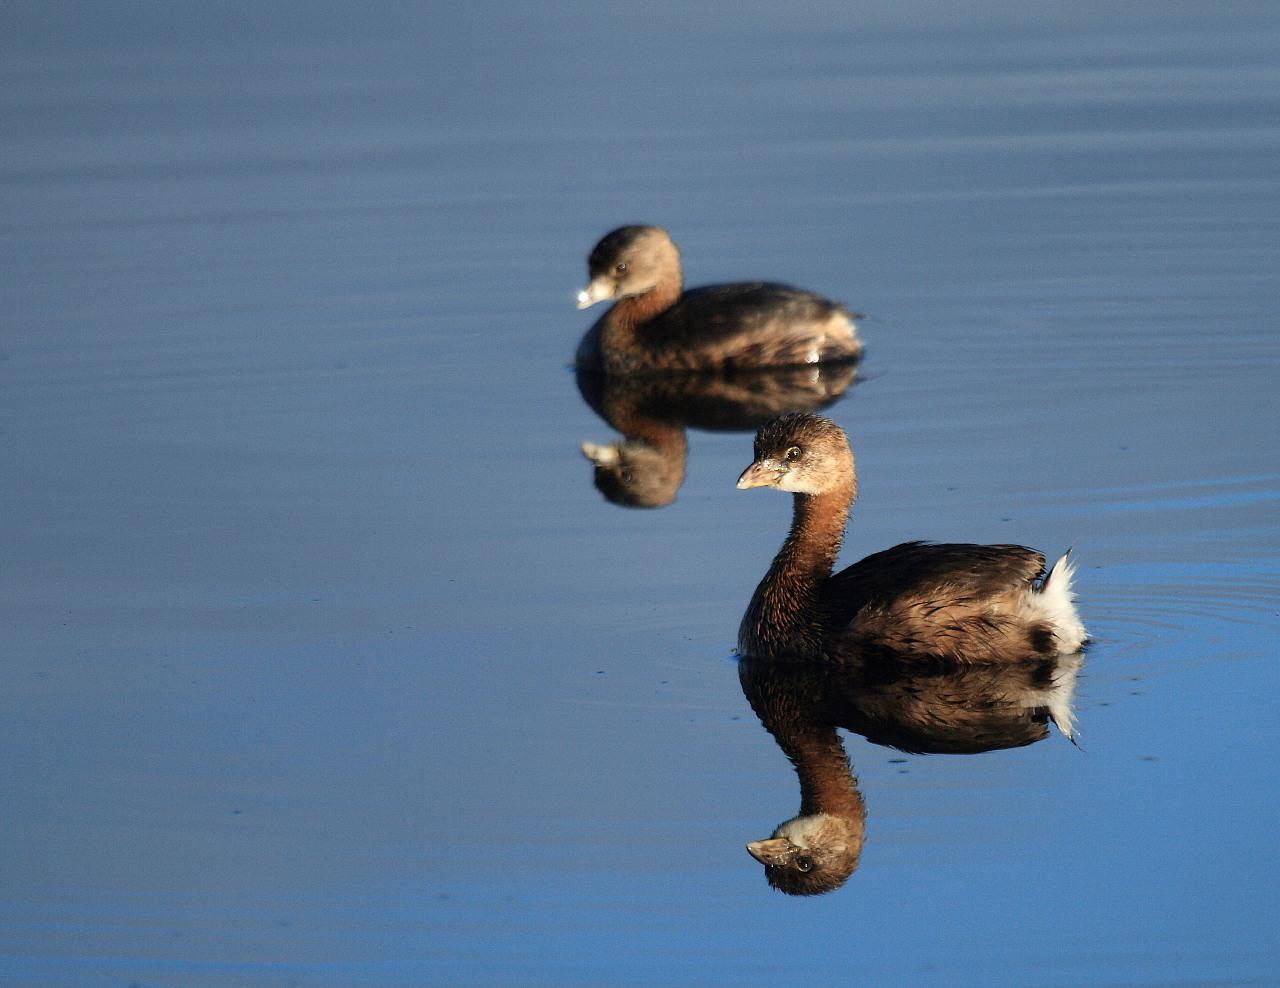 フロリダの野鳥その10: フロリダのカイツブリ_f0105570_21181835.jpg